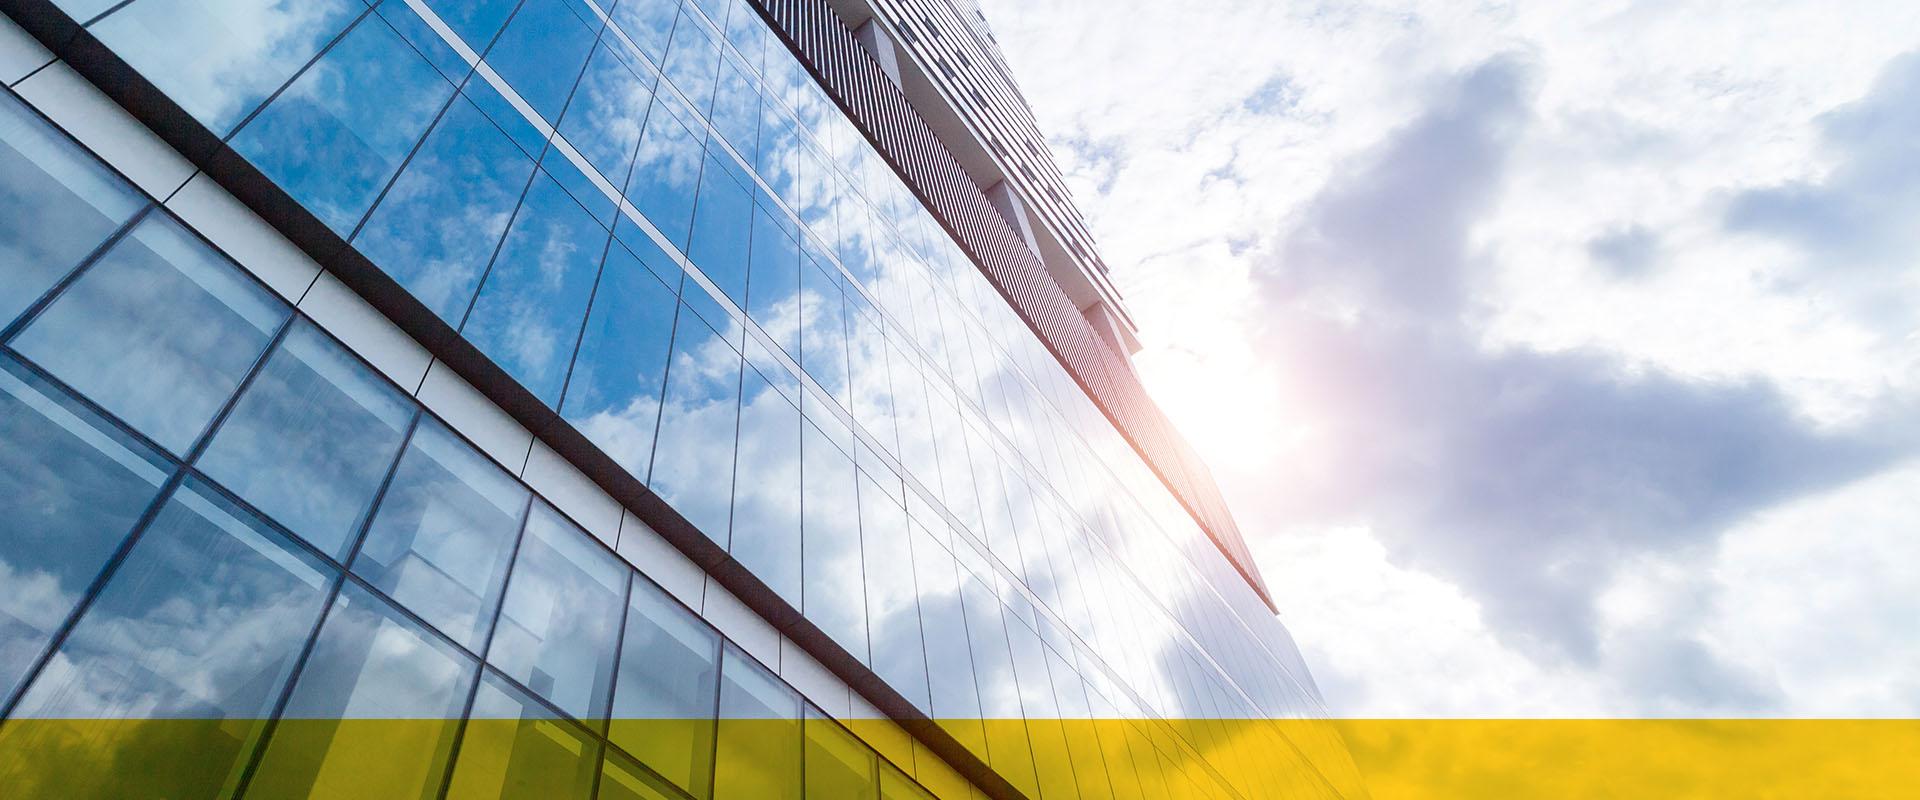 Fensterfolien für UV-Schutz, Sonnenschutz und Hitzeschutz